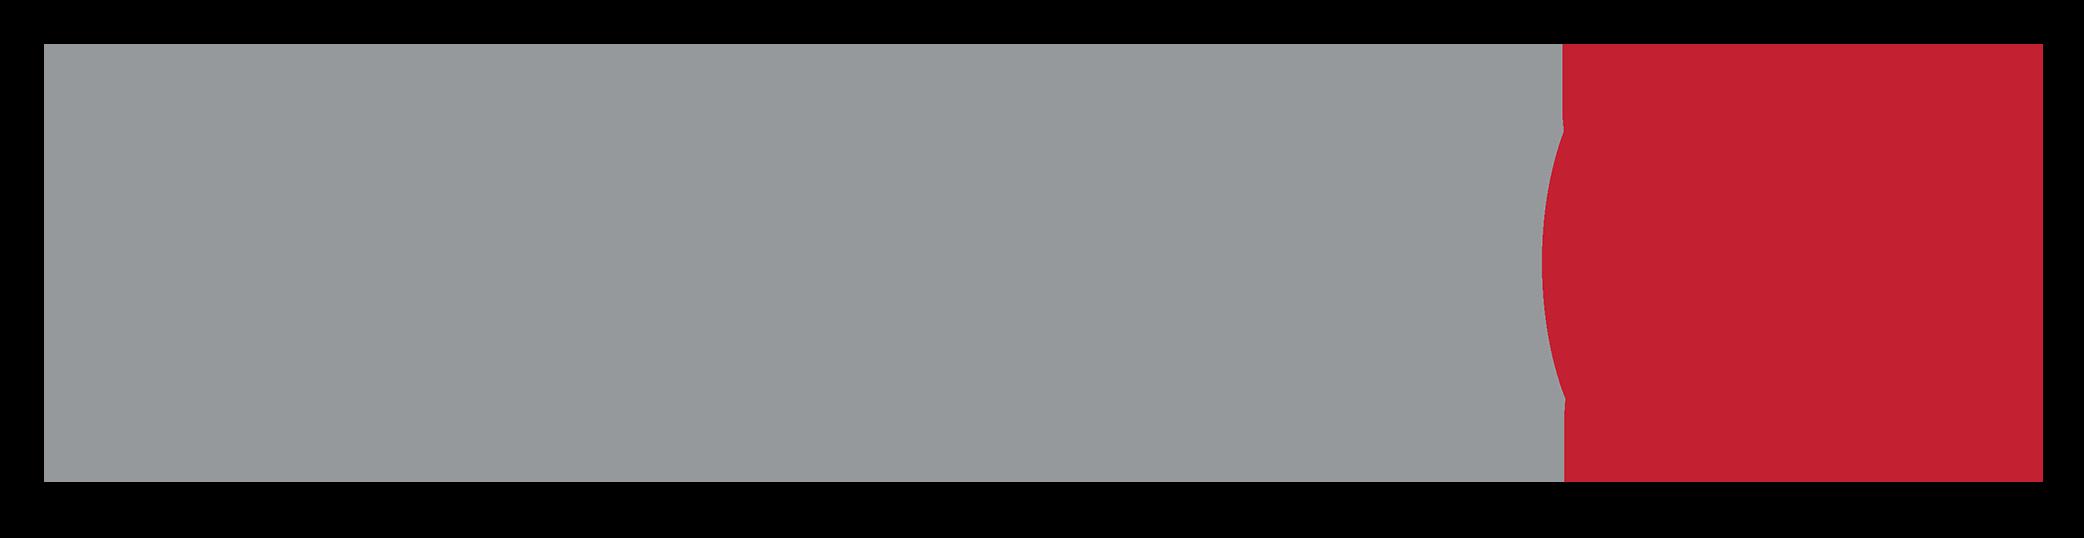 Control4 - Akıllı Ev Sistemleri